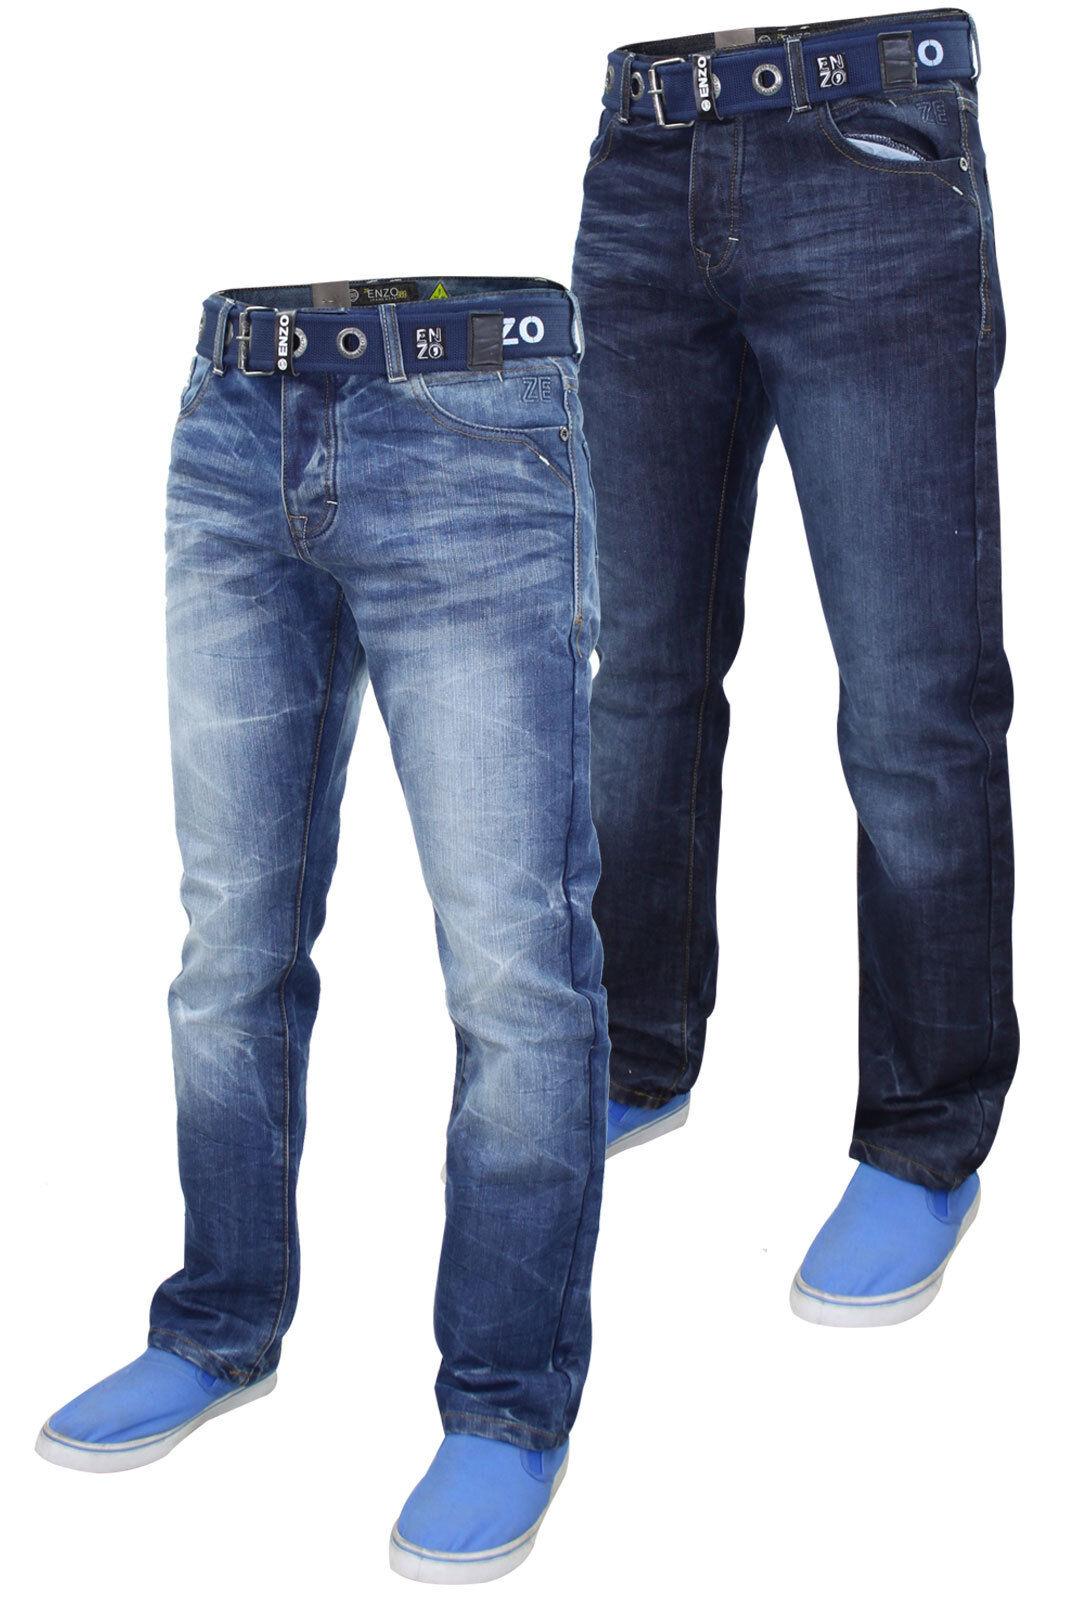 Herren Enzo Ez384 Designer Reguläre Passform Gerades Bein Gratis Gürtel Jeans  | Lebhaft und liebenswert